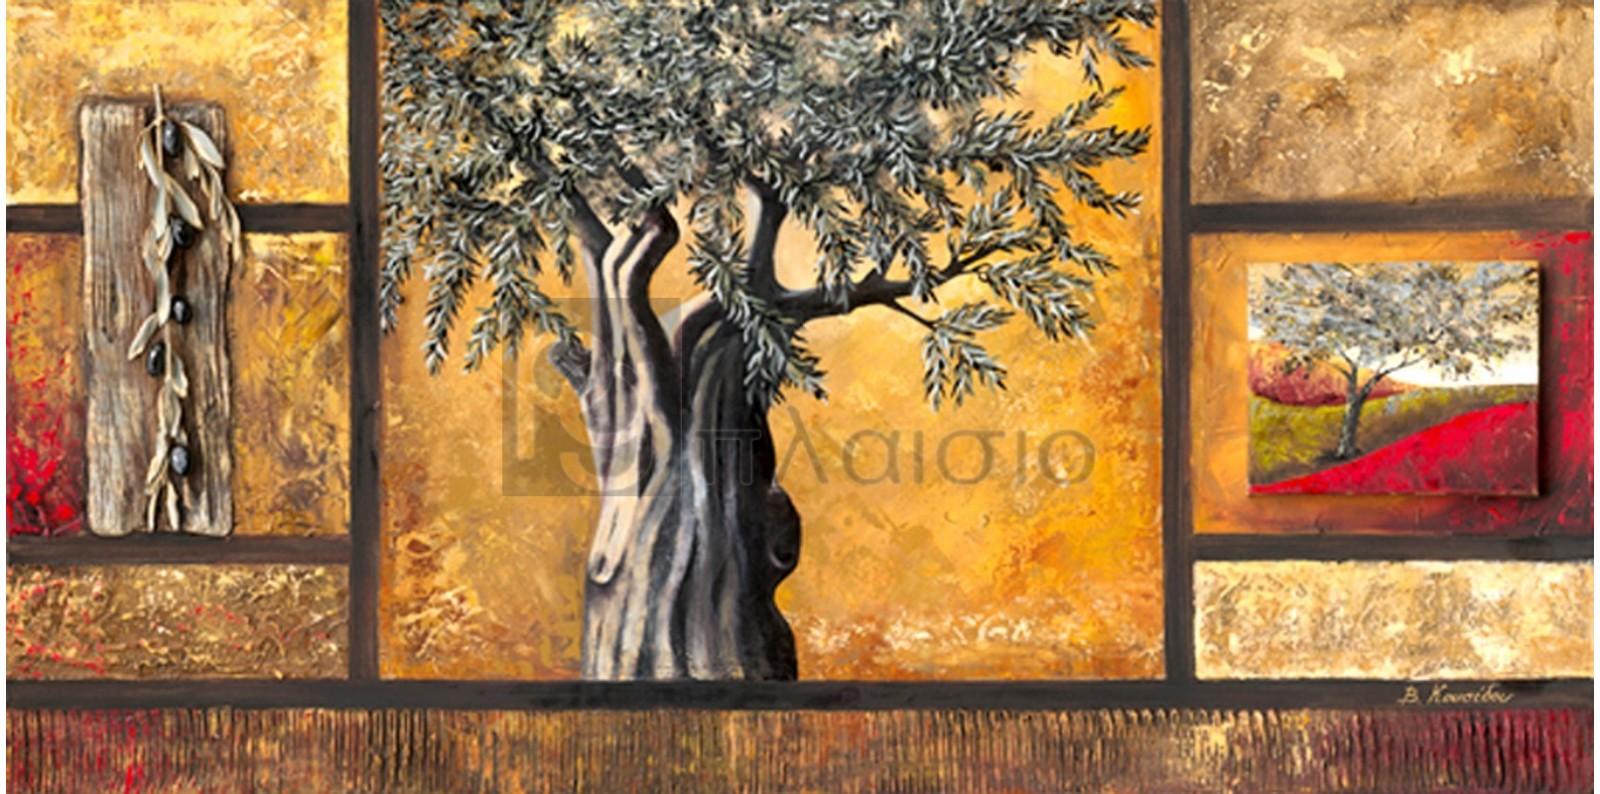 Βαλέρια Κουσίδου - Olive fruit